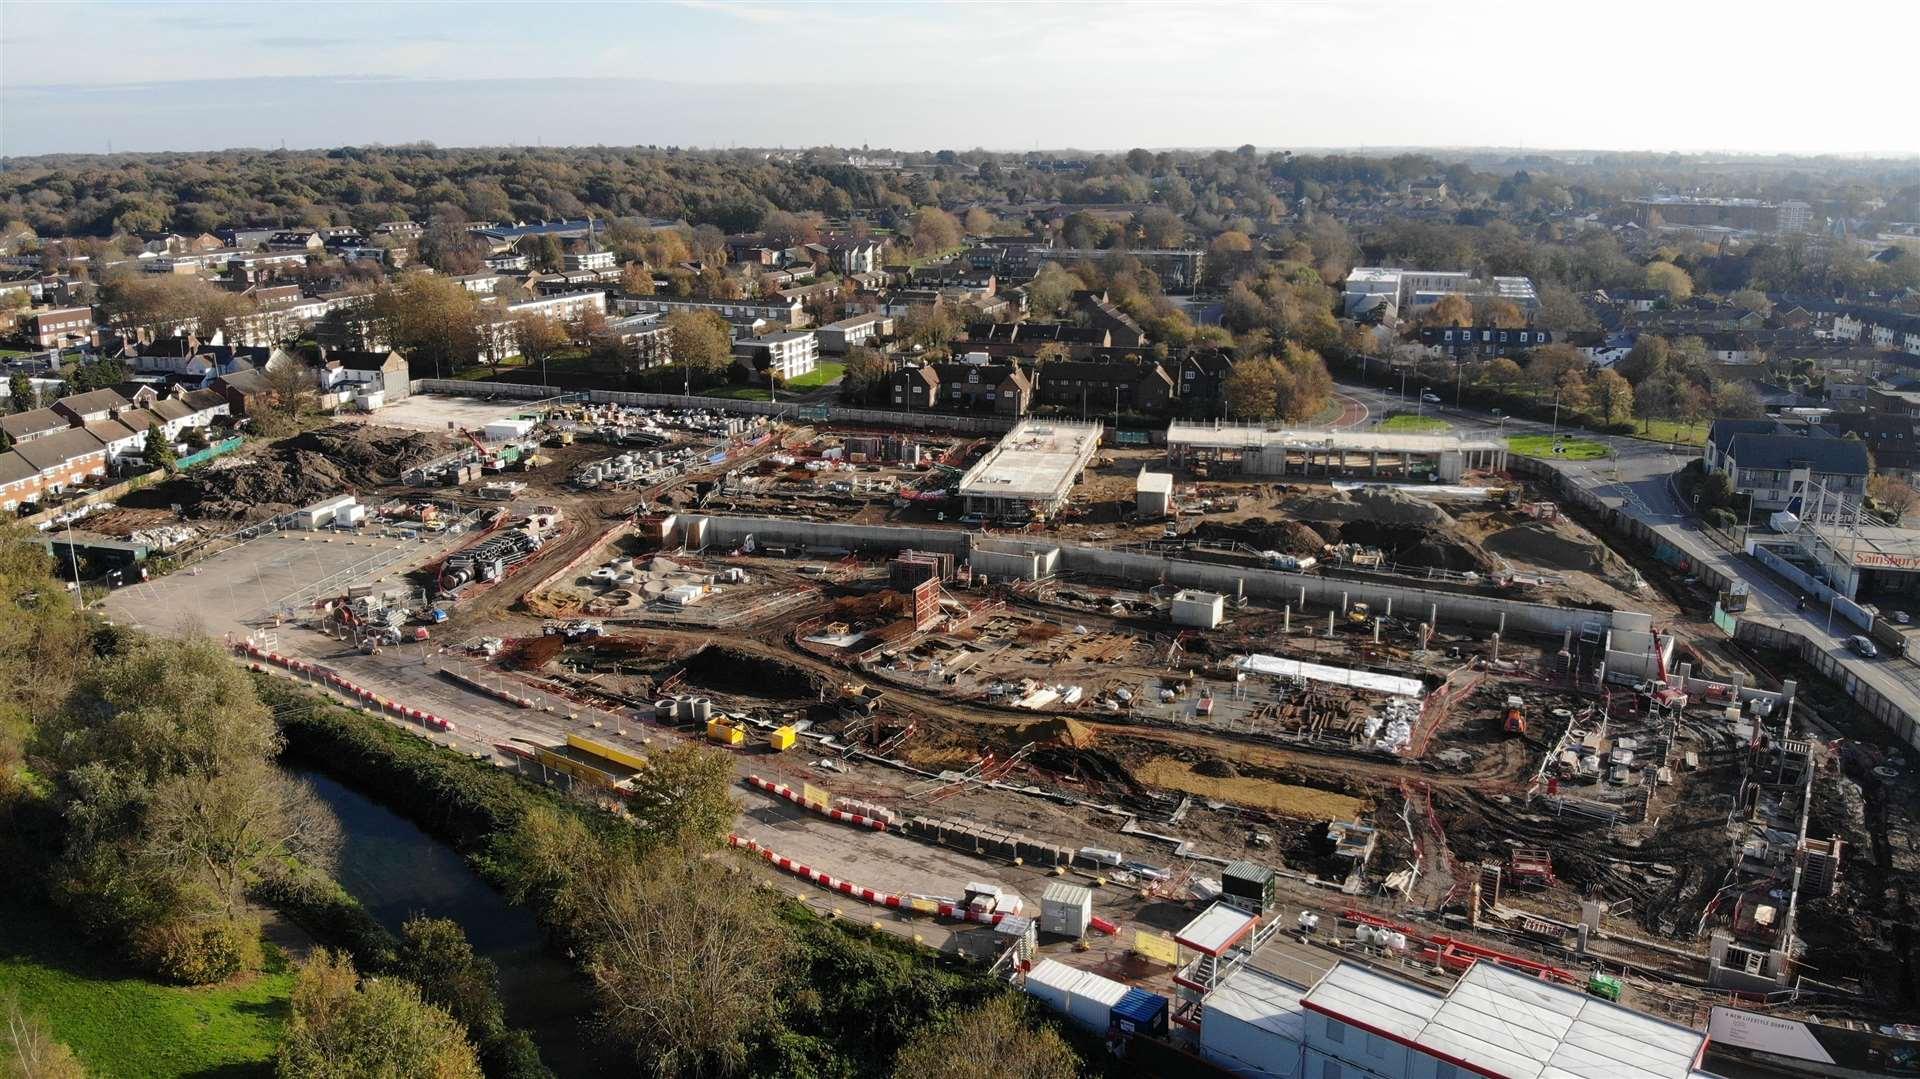 Une image de ce mois à l'avance progresse Kingsmead